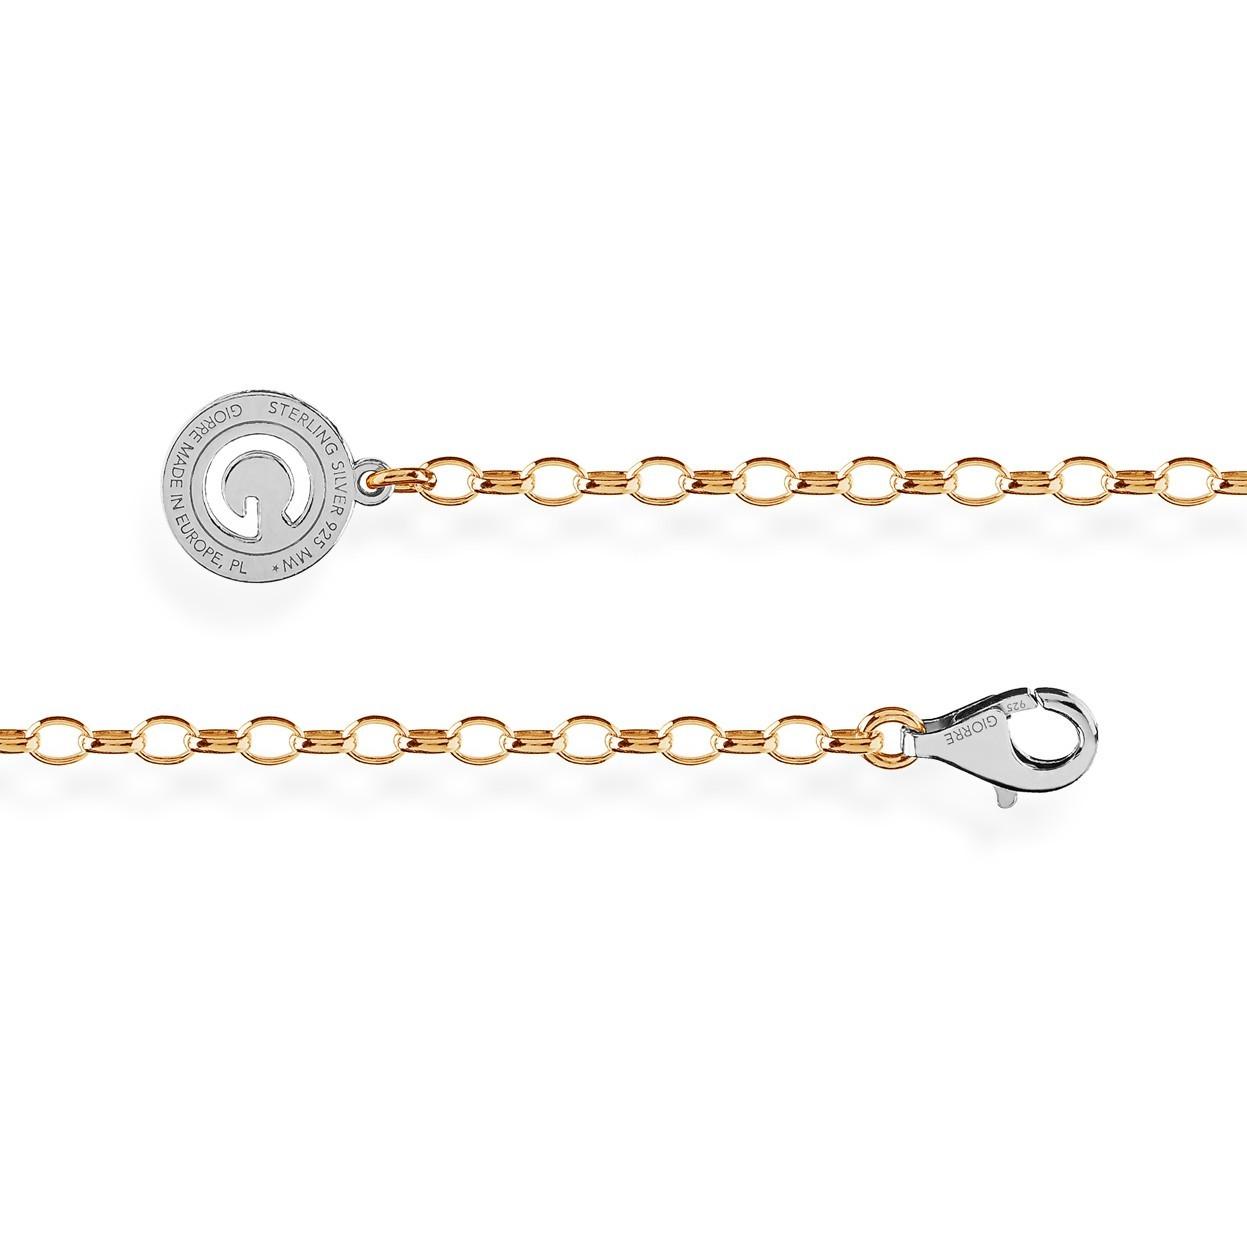 Złocony łańcuszek ogniwkowy, srebro 925